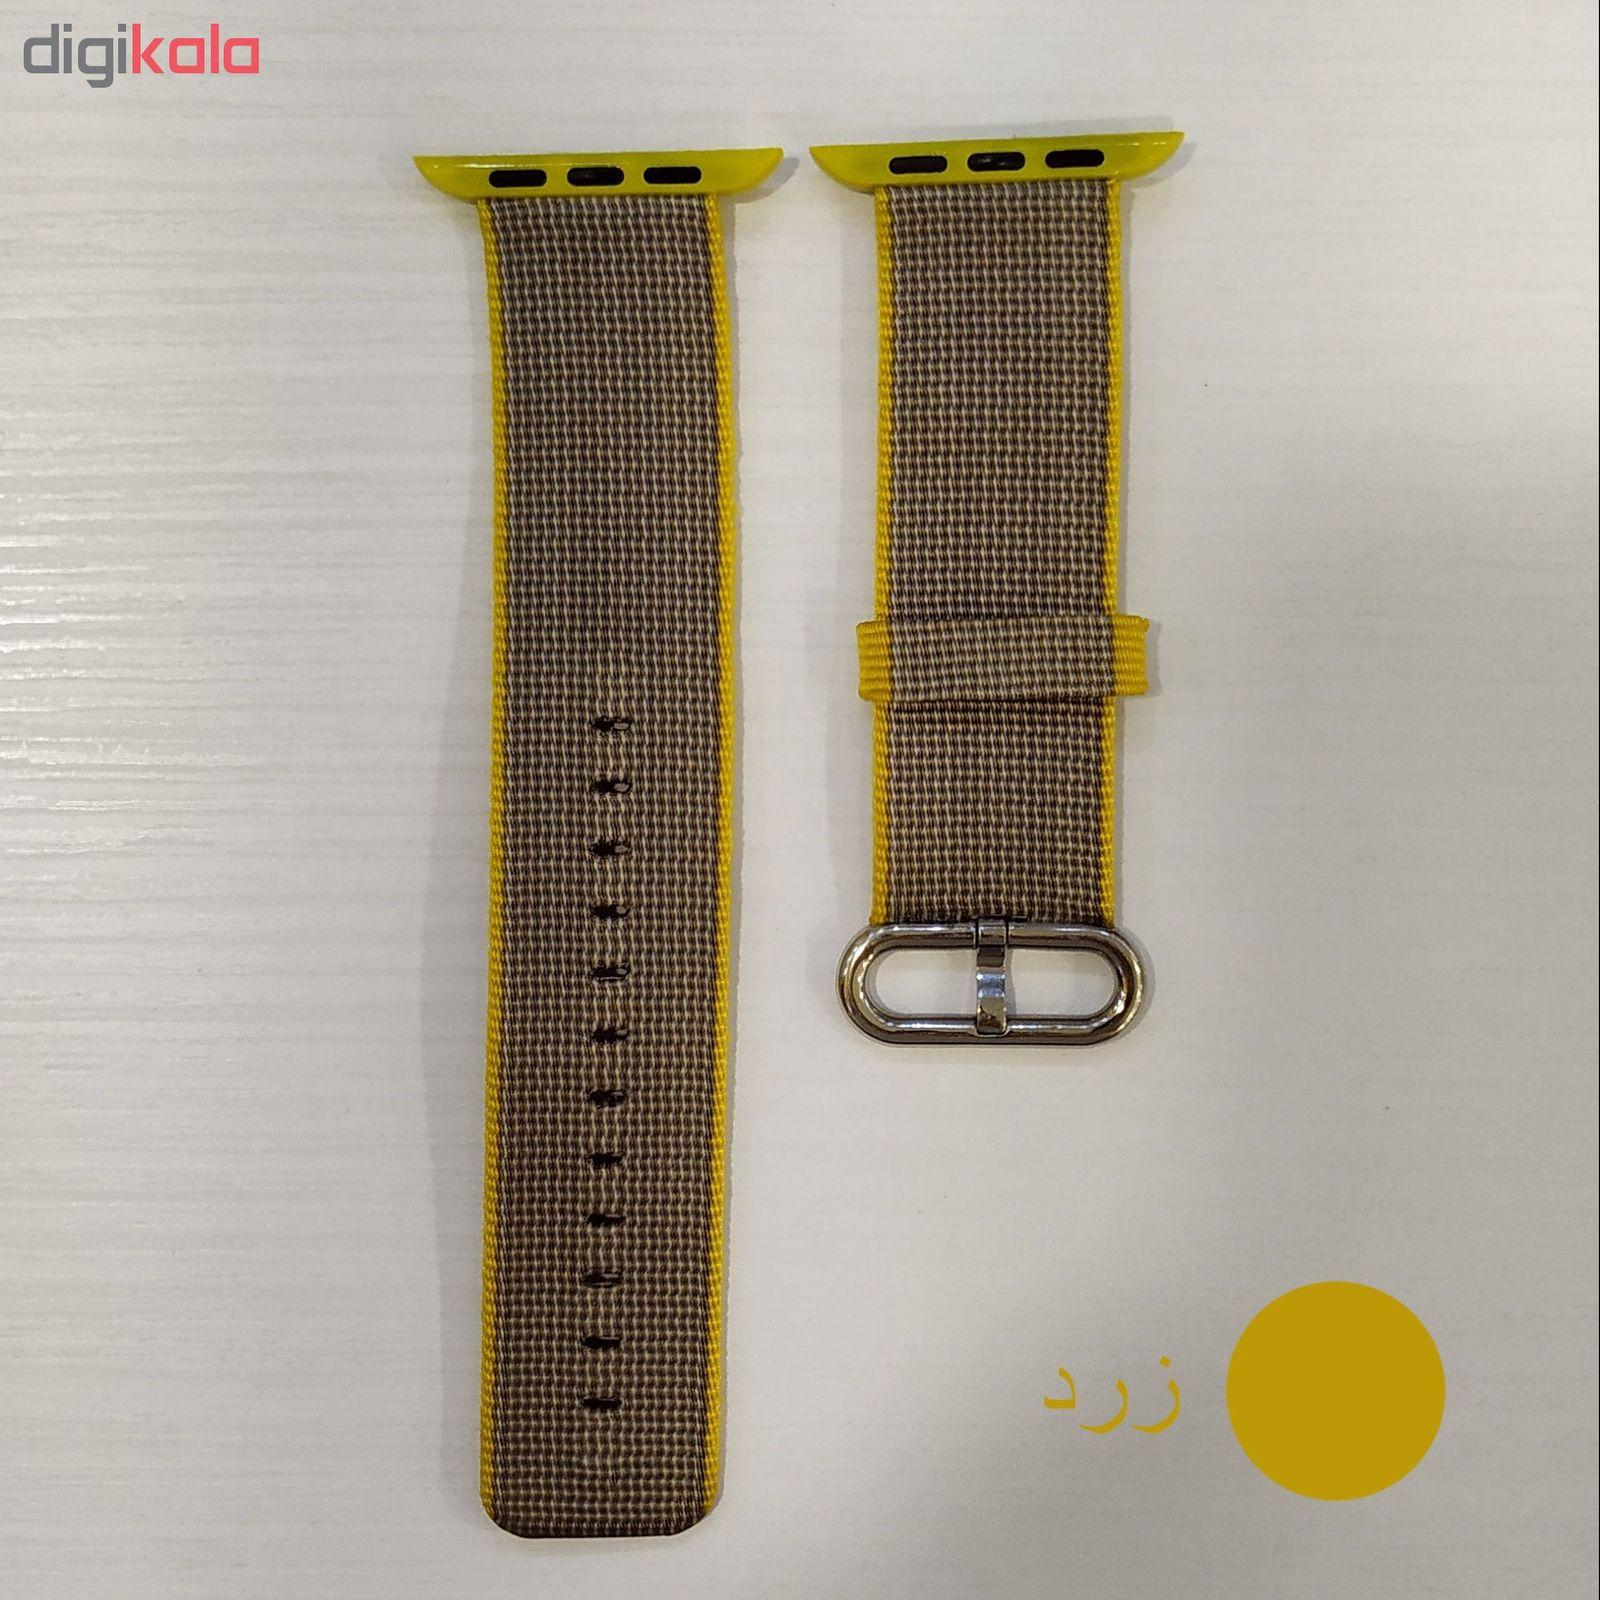 بند مدل Nylon مناسب برای اپل واچ 42 میلی متری main 1 9